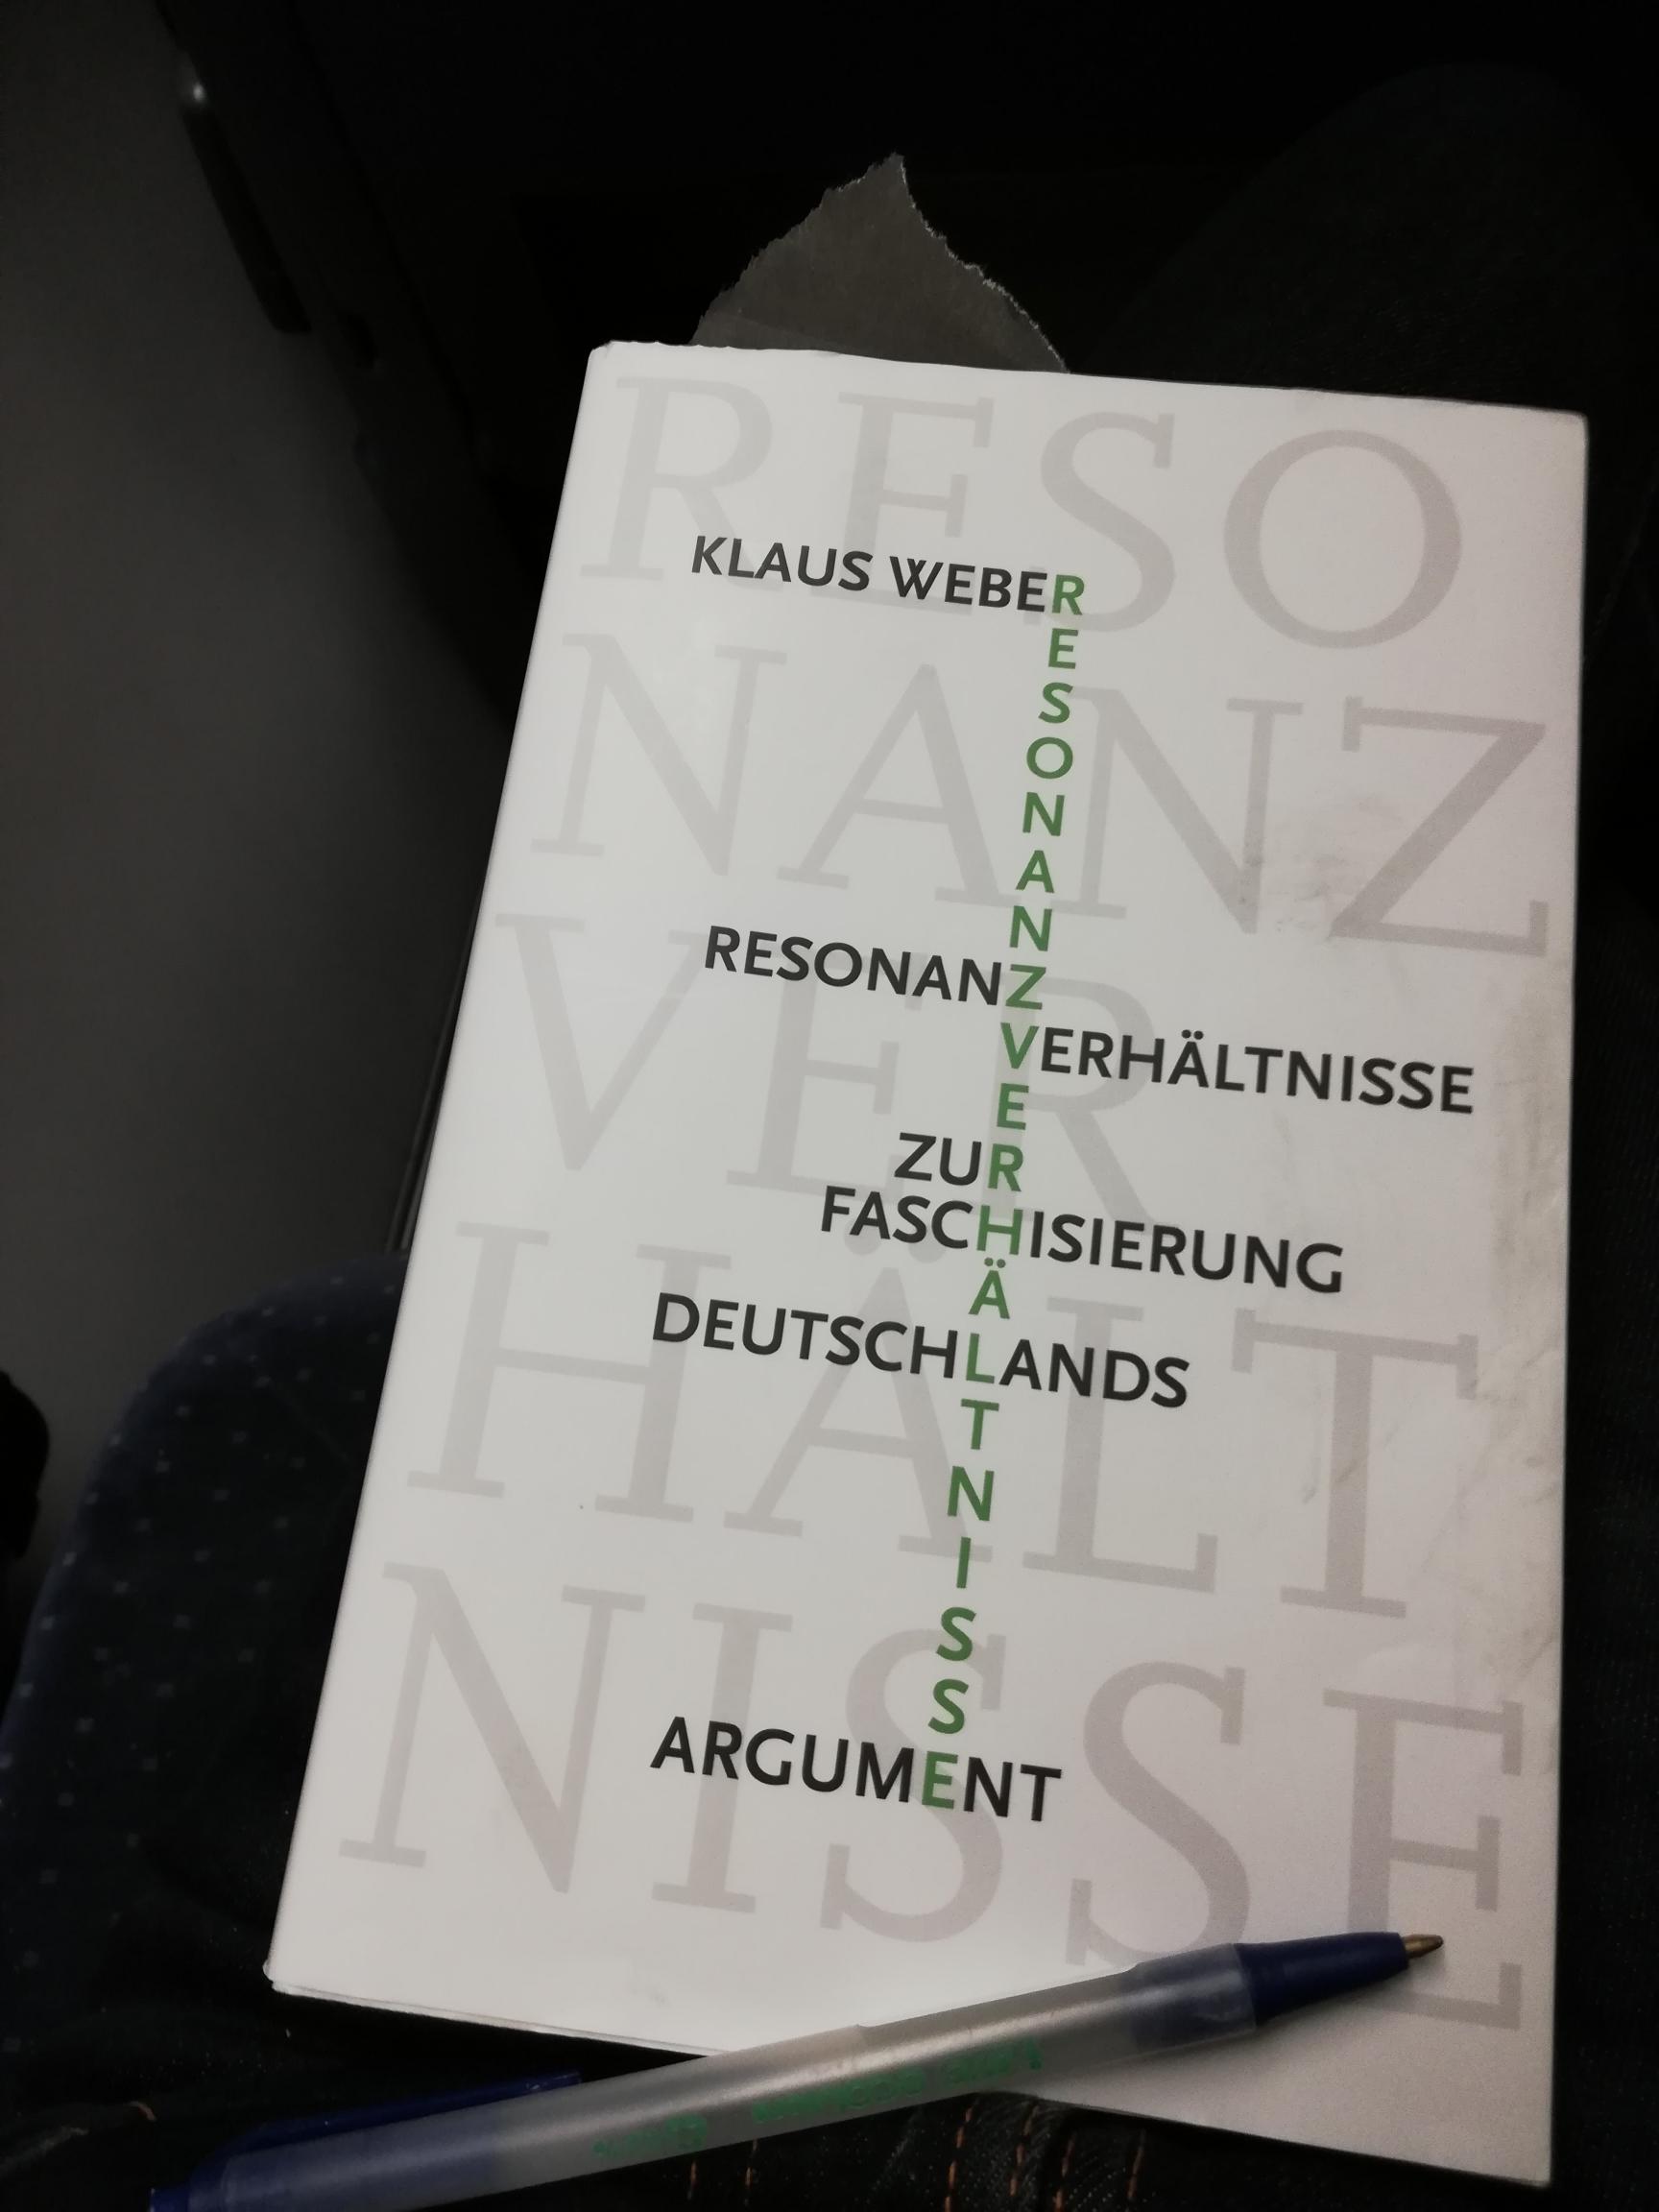 Resonanzverhältnisse. Faschisierung. Gedanken zu Gauland und zur Frankfurter Buchmesse